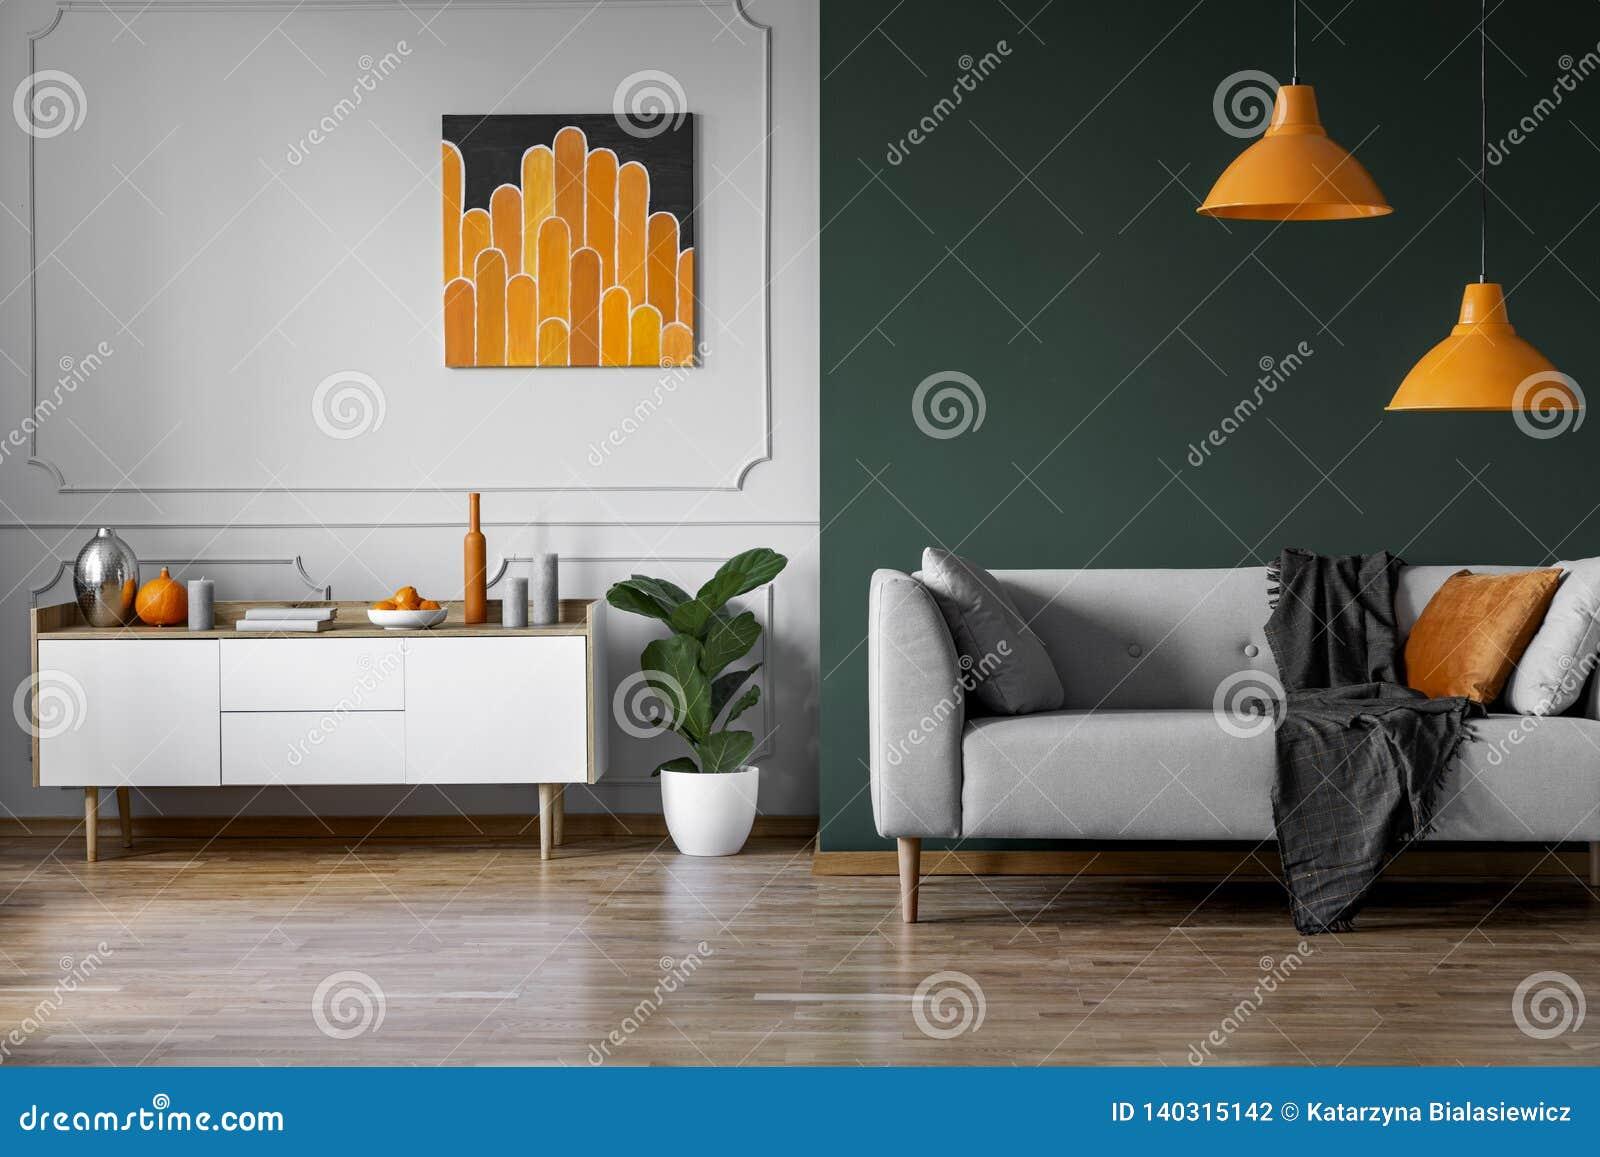 Pittura arancio astratta sulla parete grigia del salone alla moda interna con mobilia di legno bianca e lo strato grigio